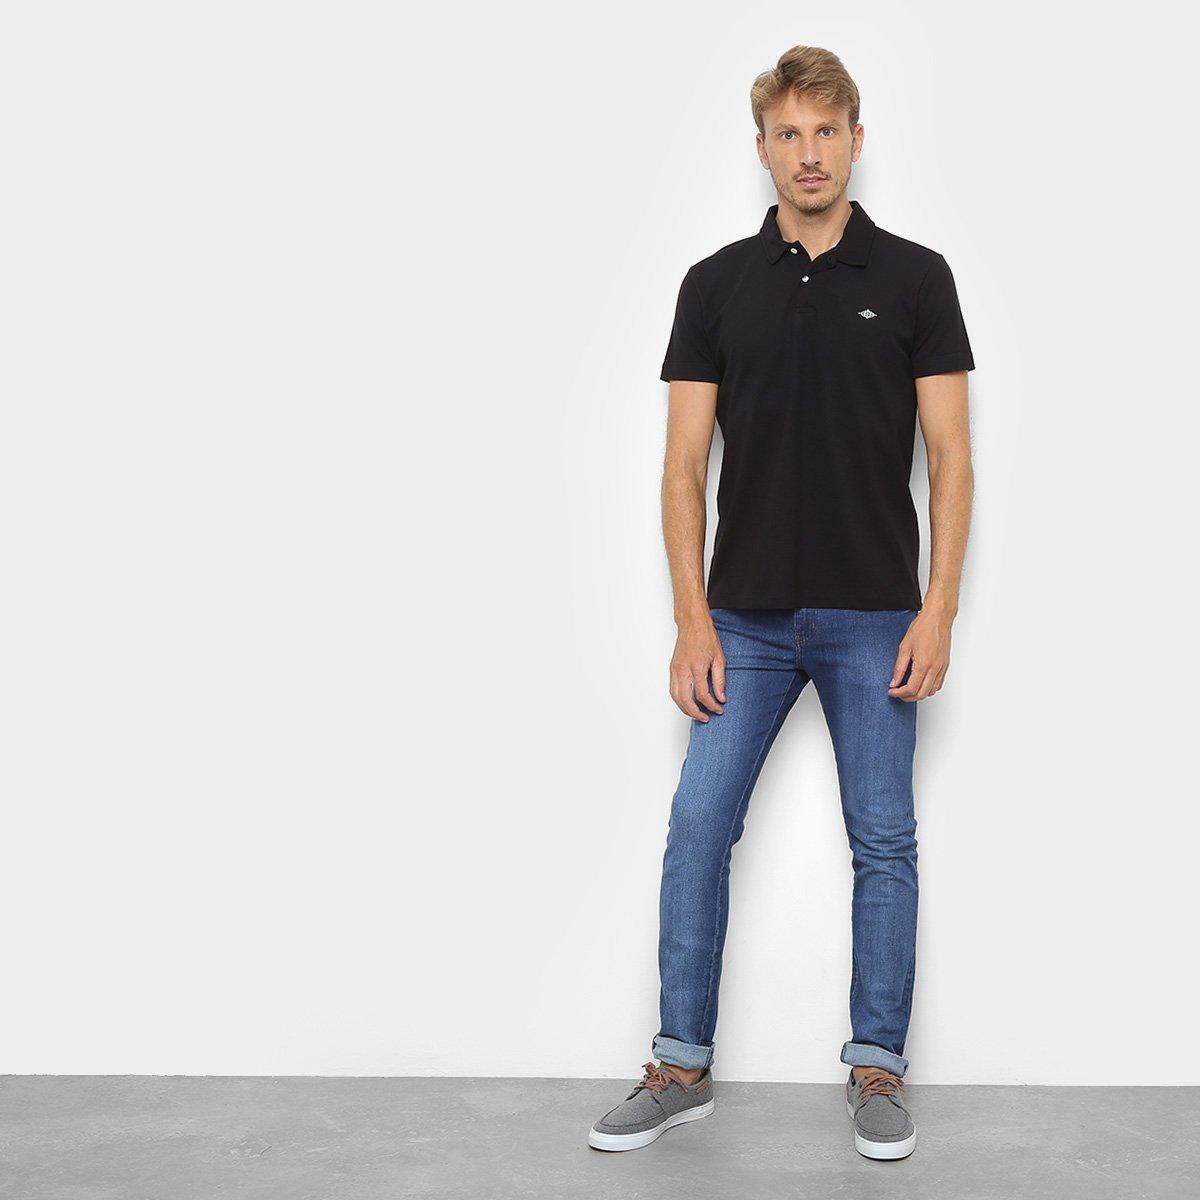 1cc58476b Camisa Polo Triton Básica Masculina | Livelo -Sua Vida com Mais Recompensas